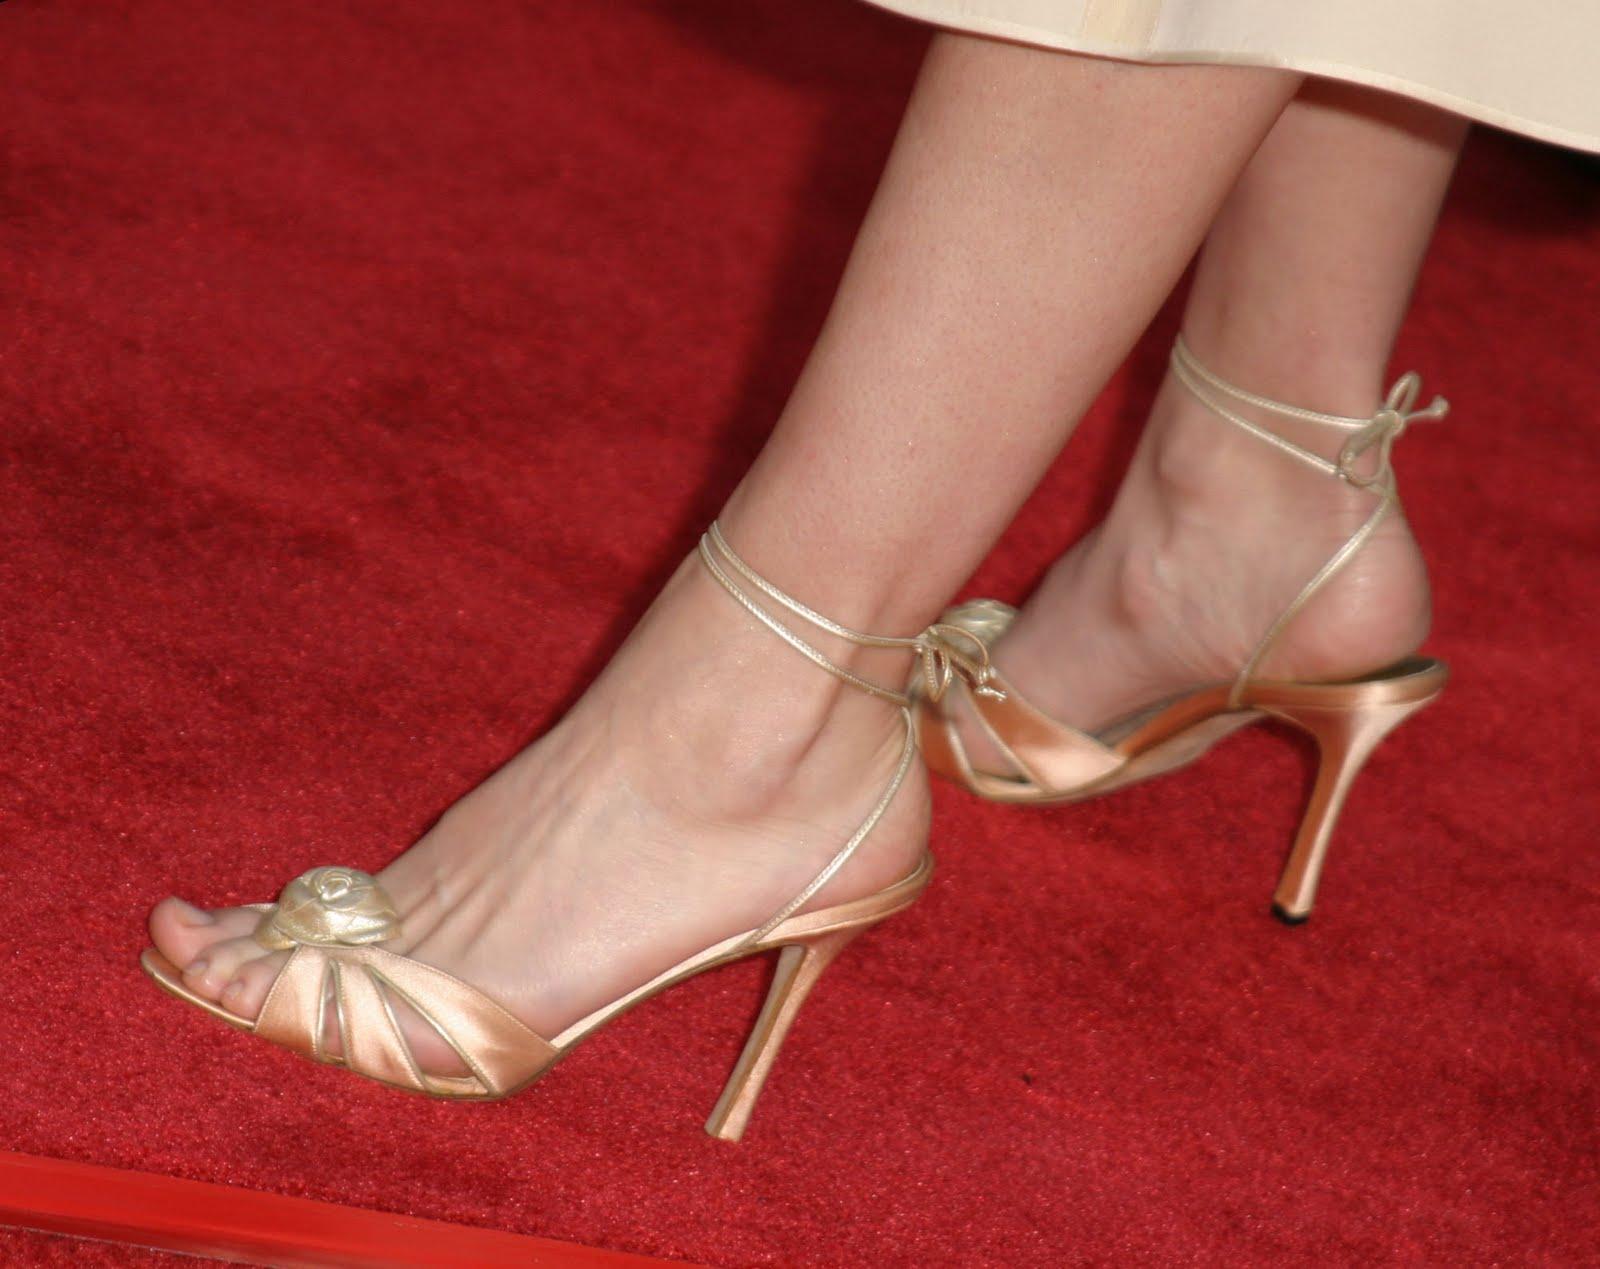 Amanda peet feet pics